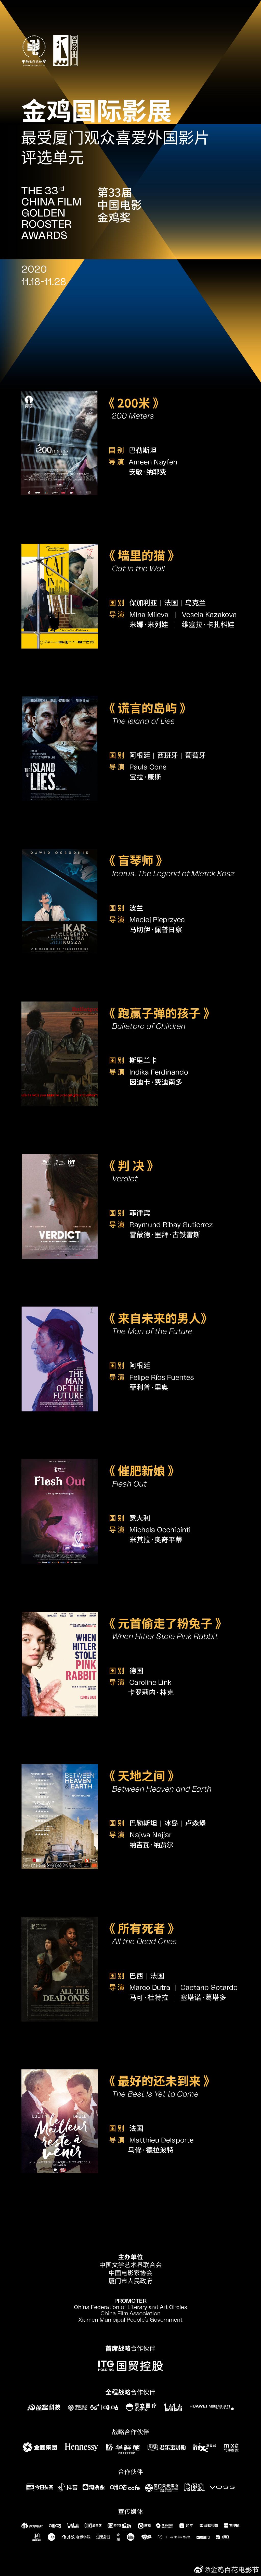 2020金鸡国际影展公布首批片单,12部入围影片亮相